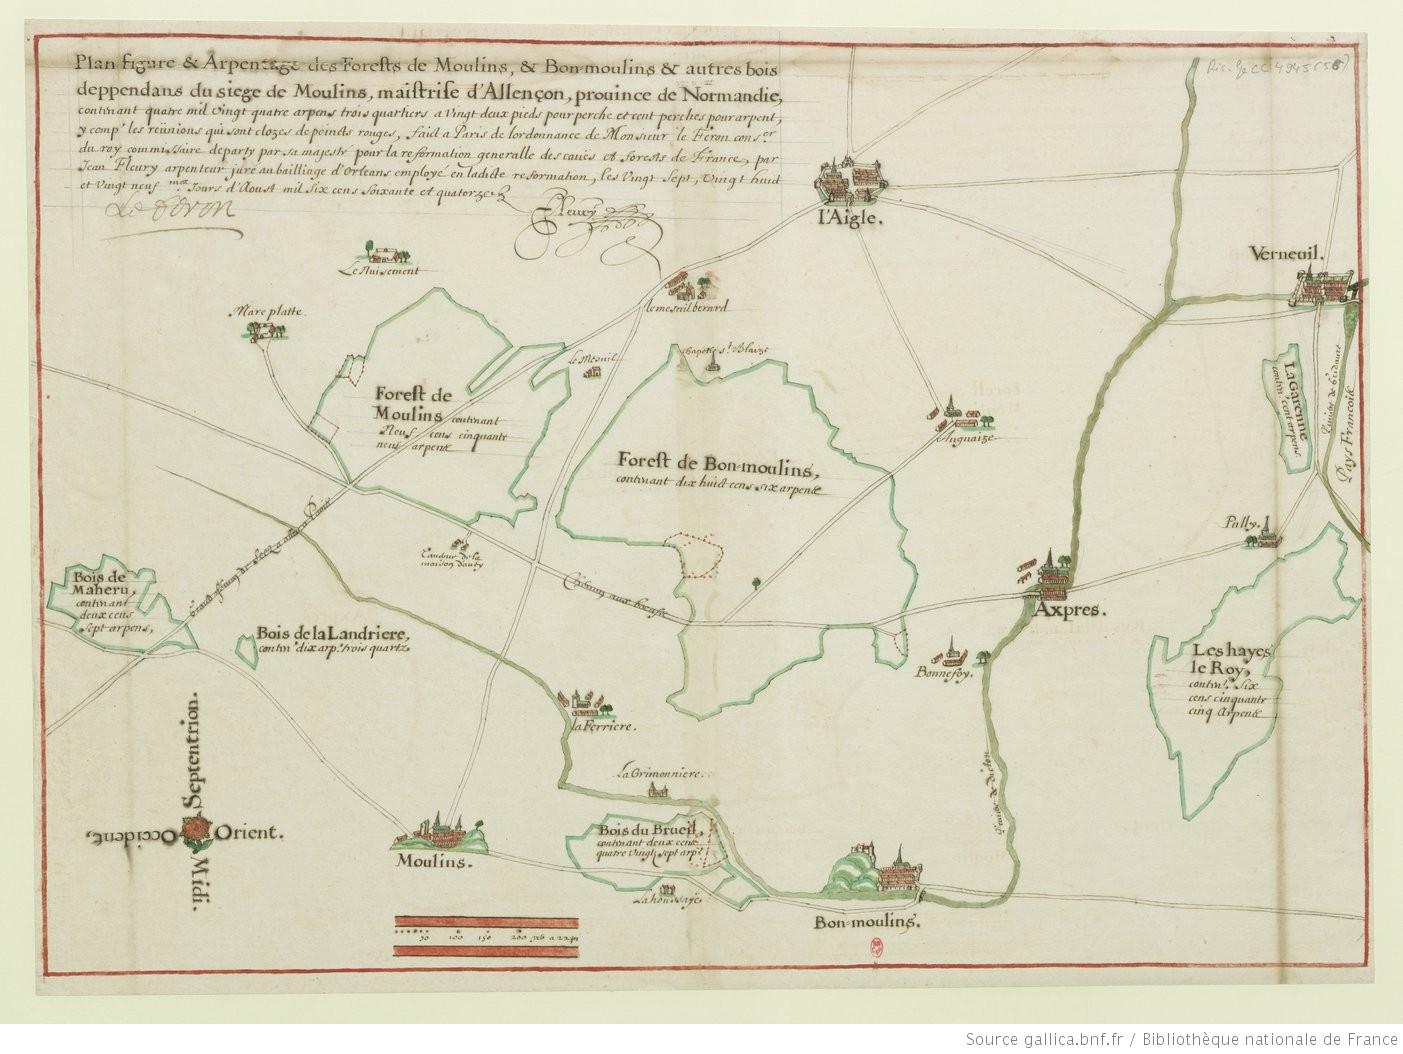 Plan figure et arpentage des forests de moulins et bon for Plan de moulins